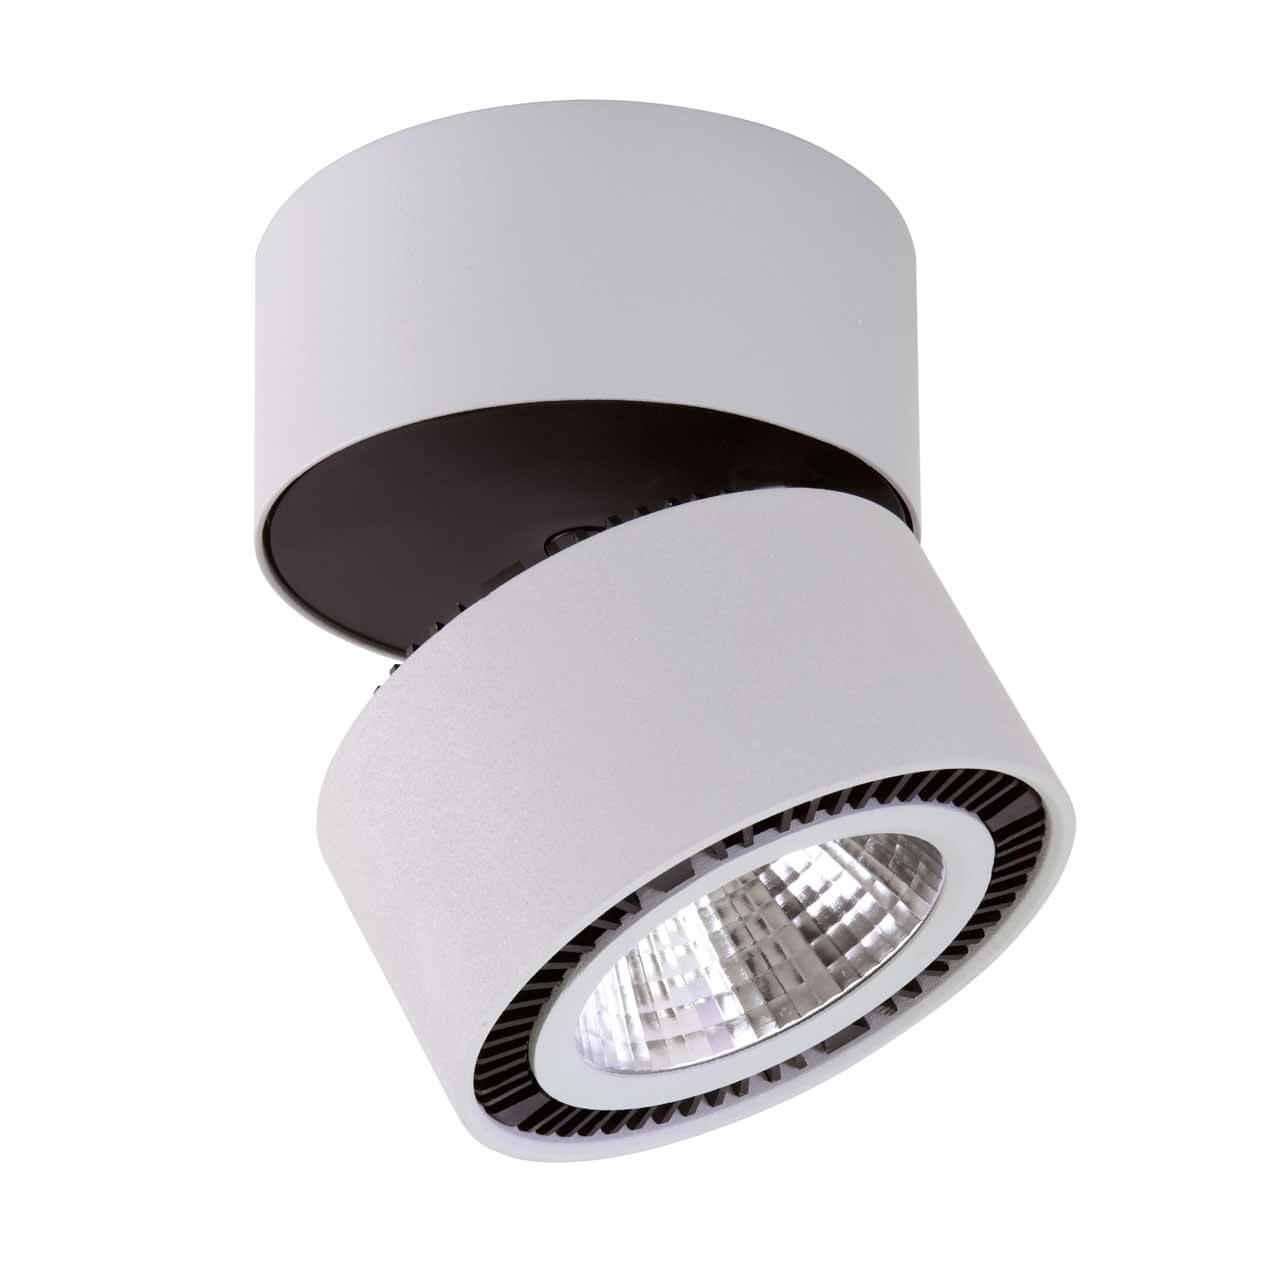 Потолочный светодиодный светильник Lightstar Forte Muro 214859 потолочный светодиодный светильник lightstar forte muro 214839